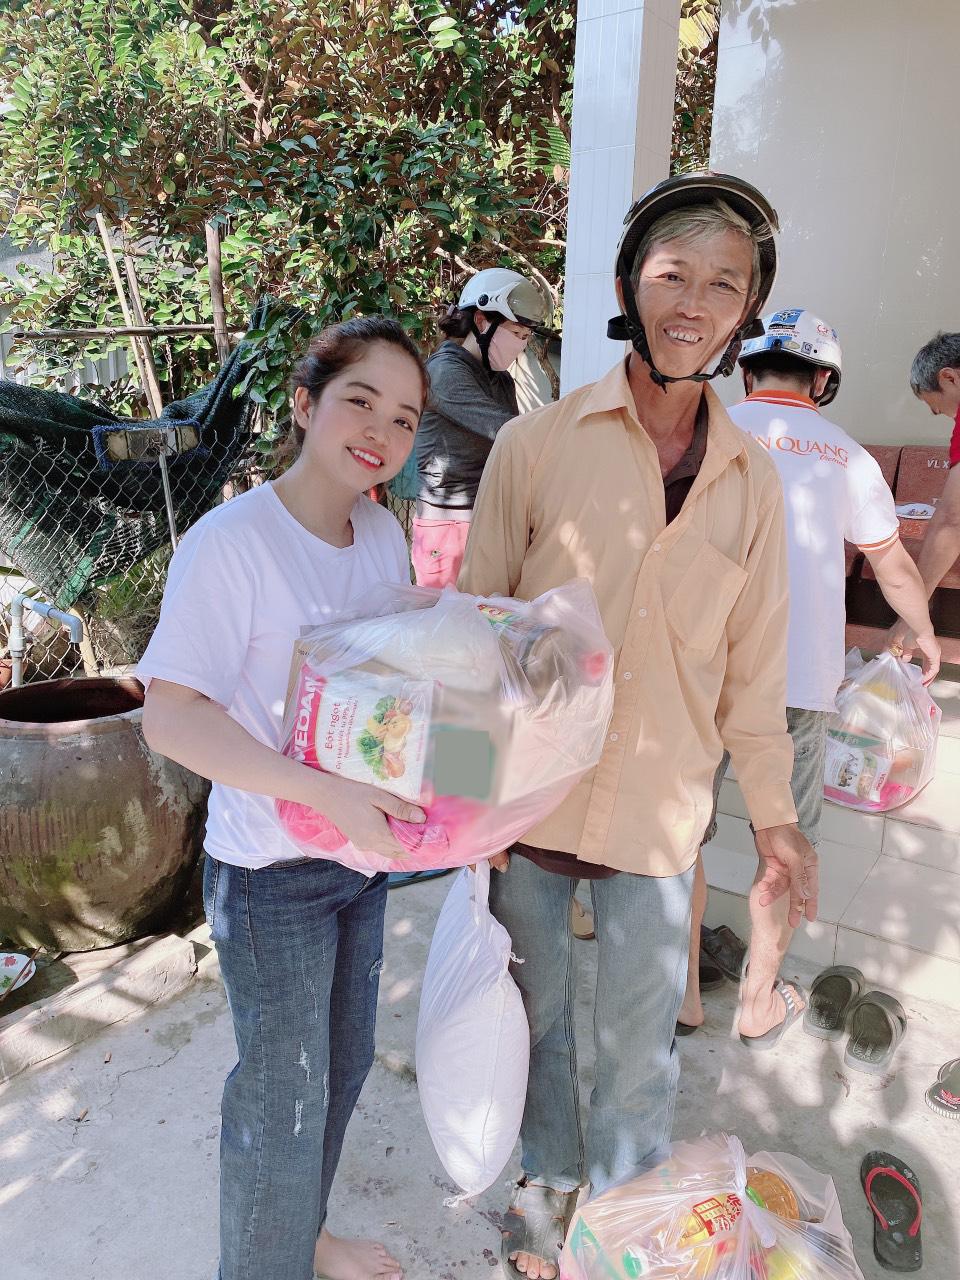 Trong những năm qua, Khánh Linh luôn duy trì hoạt động từ thiện tại Hậu Giang. Cô hướng đến việc đưa hoạt động này trở thành chương trình thiện nguyện thường niên diễn ra hàng năm. Hầu hết chi phí cho các hoạt động này đều xuất phát từ lợi nhuận kinh doanh của Khánh Linh. Dù từng gặp không ít khó khăn trong tài chính nhưng cô chưa bao giờ có ý định từ bỏ tấm lòng thiện nguyện.